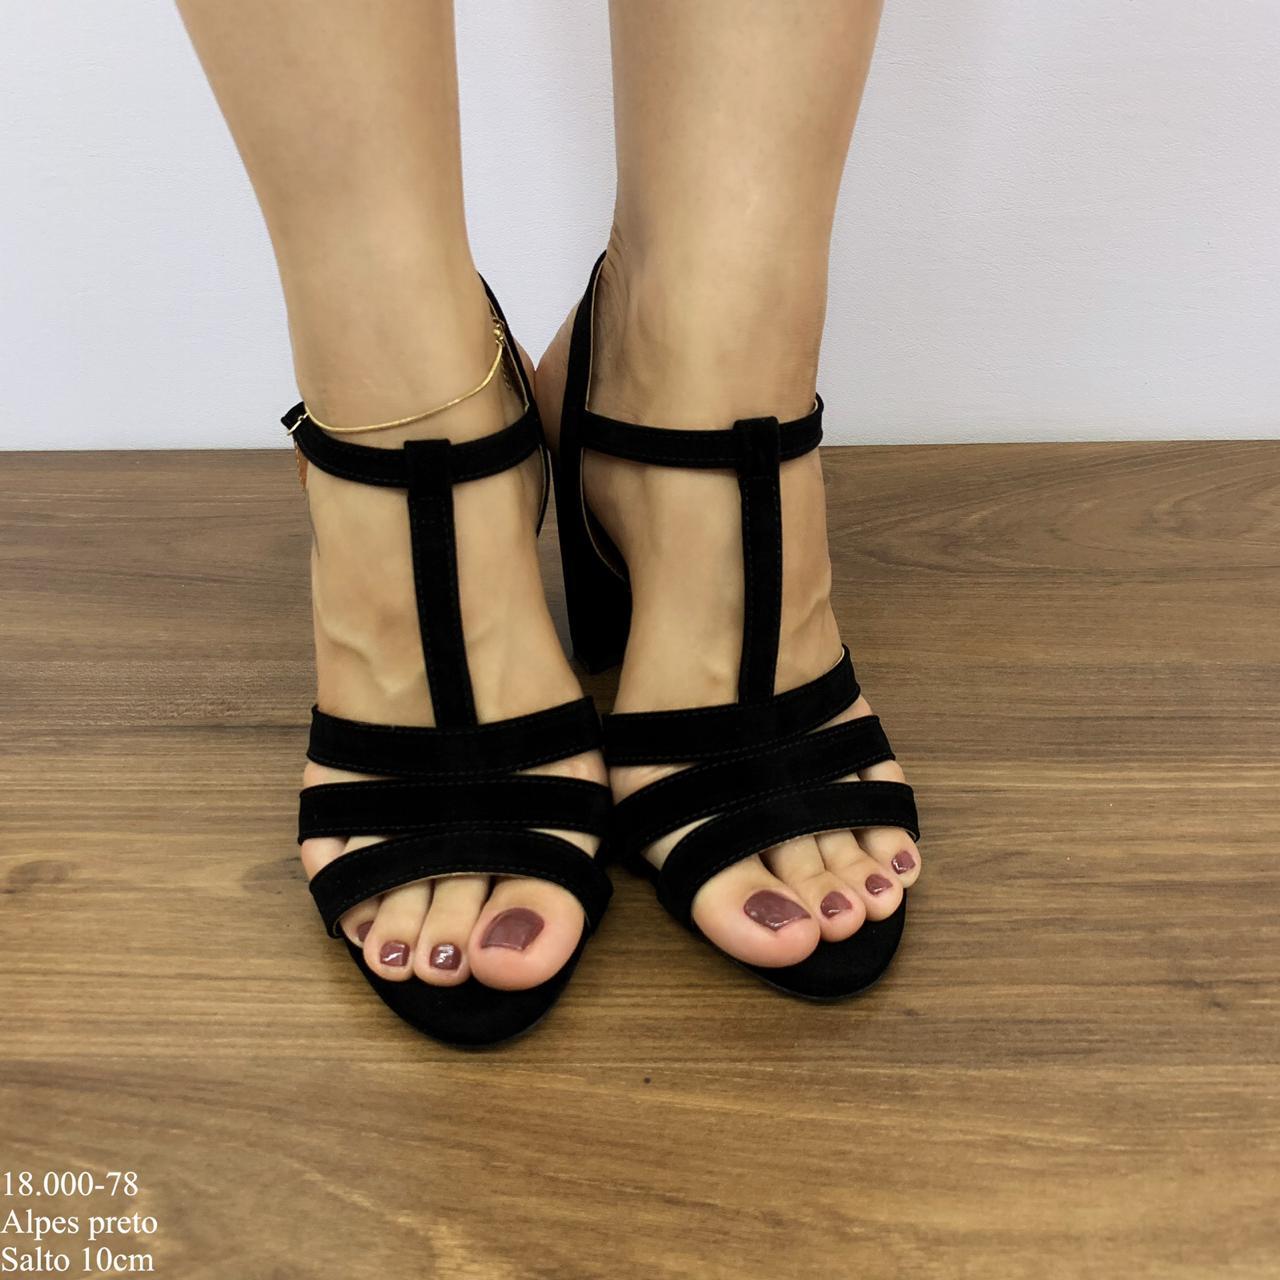 Sandália Preta Salto Alto | D-18.000-78